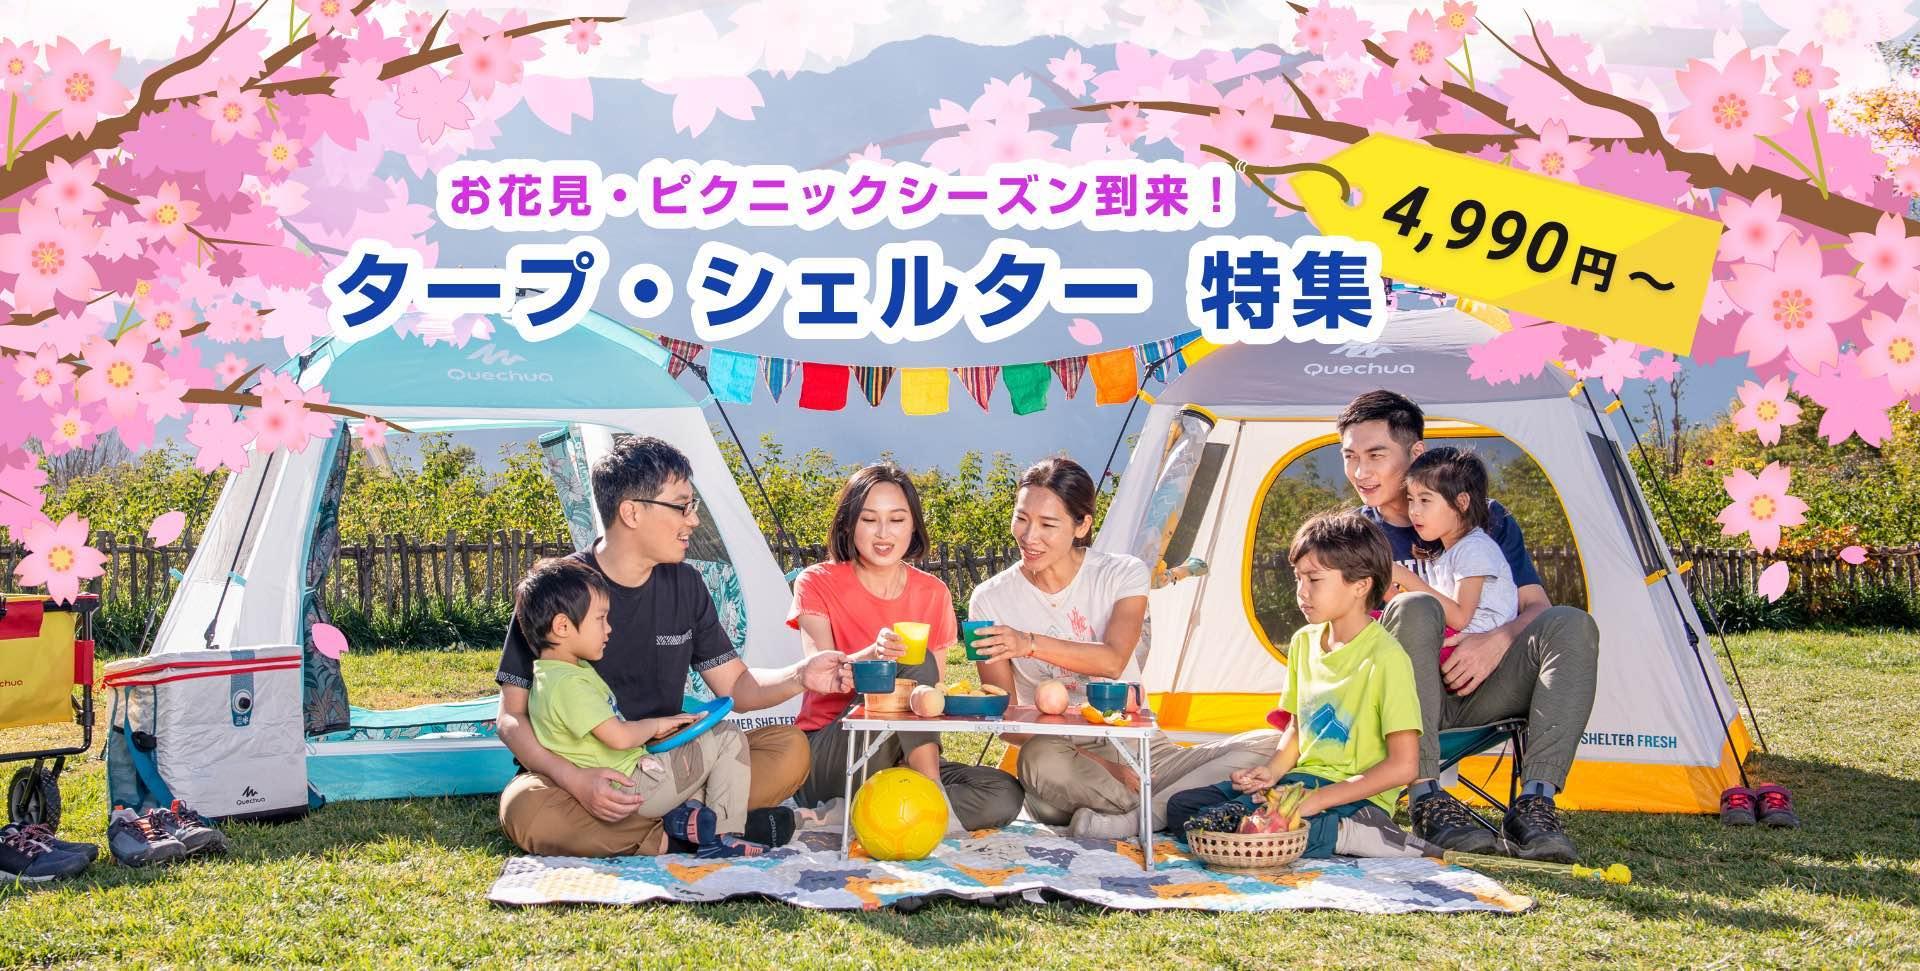 お花見・ピクニックシーズン到来! タープ・シェルター特集